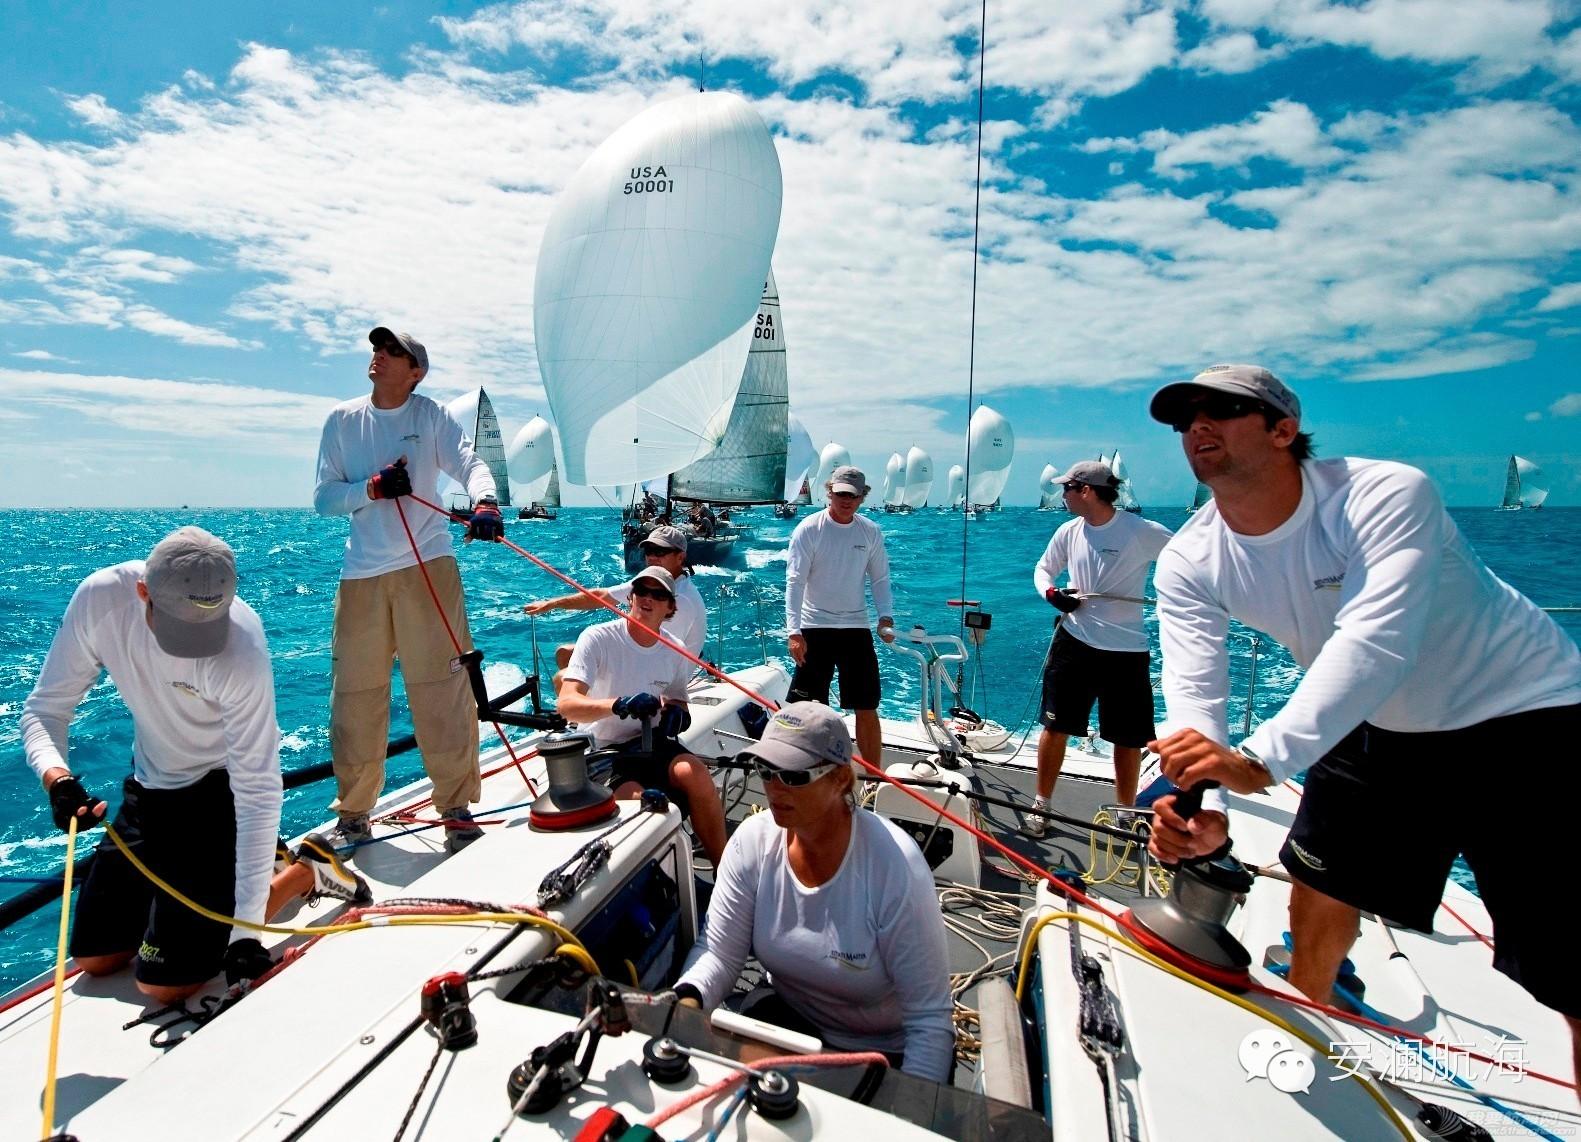 为什么帆船是最好的运动? 5df4a66319e83af6b174fbcb957d4c79.jpg